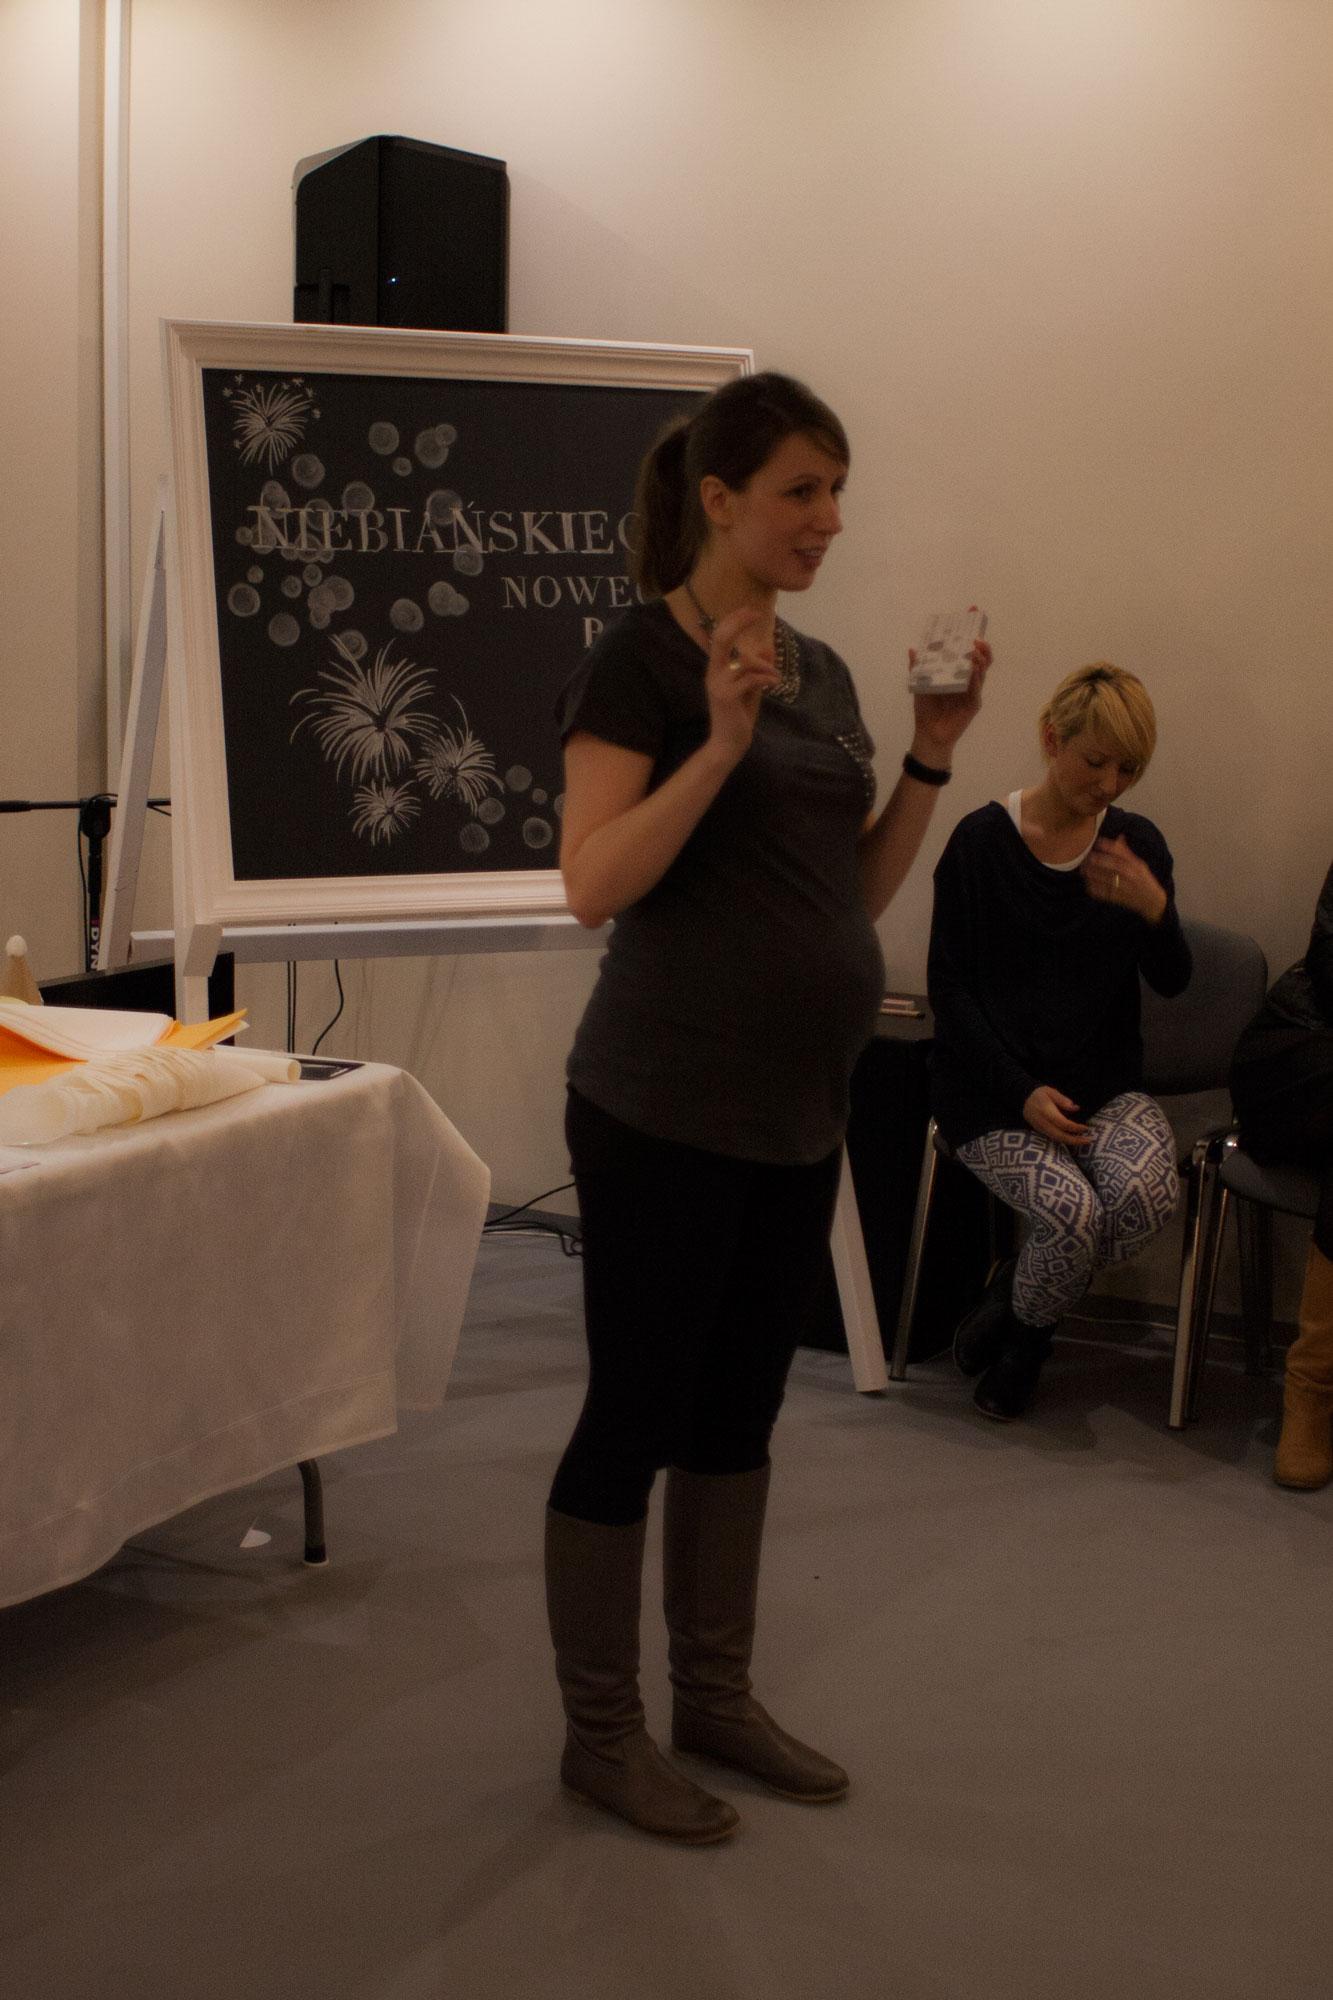 paula na koniec zapowiedziała kolejne spotkanie - na które zapraszamy wszystkie panie, bo będzie bardzo ciekawie - powiemy o naturalnych metodach pielęgnacji ciała